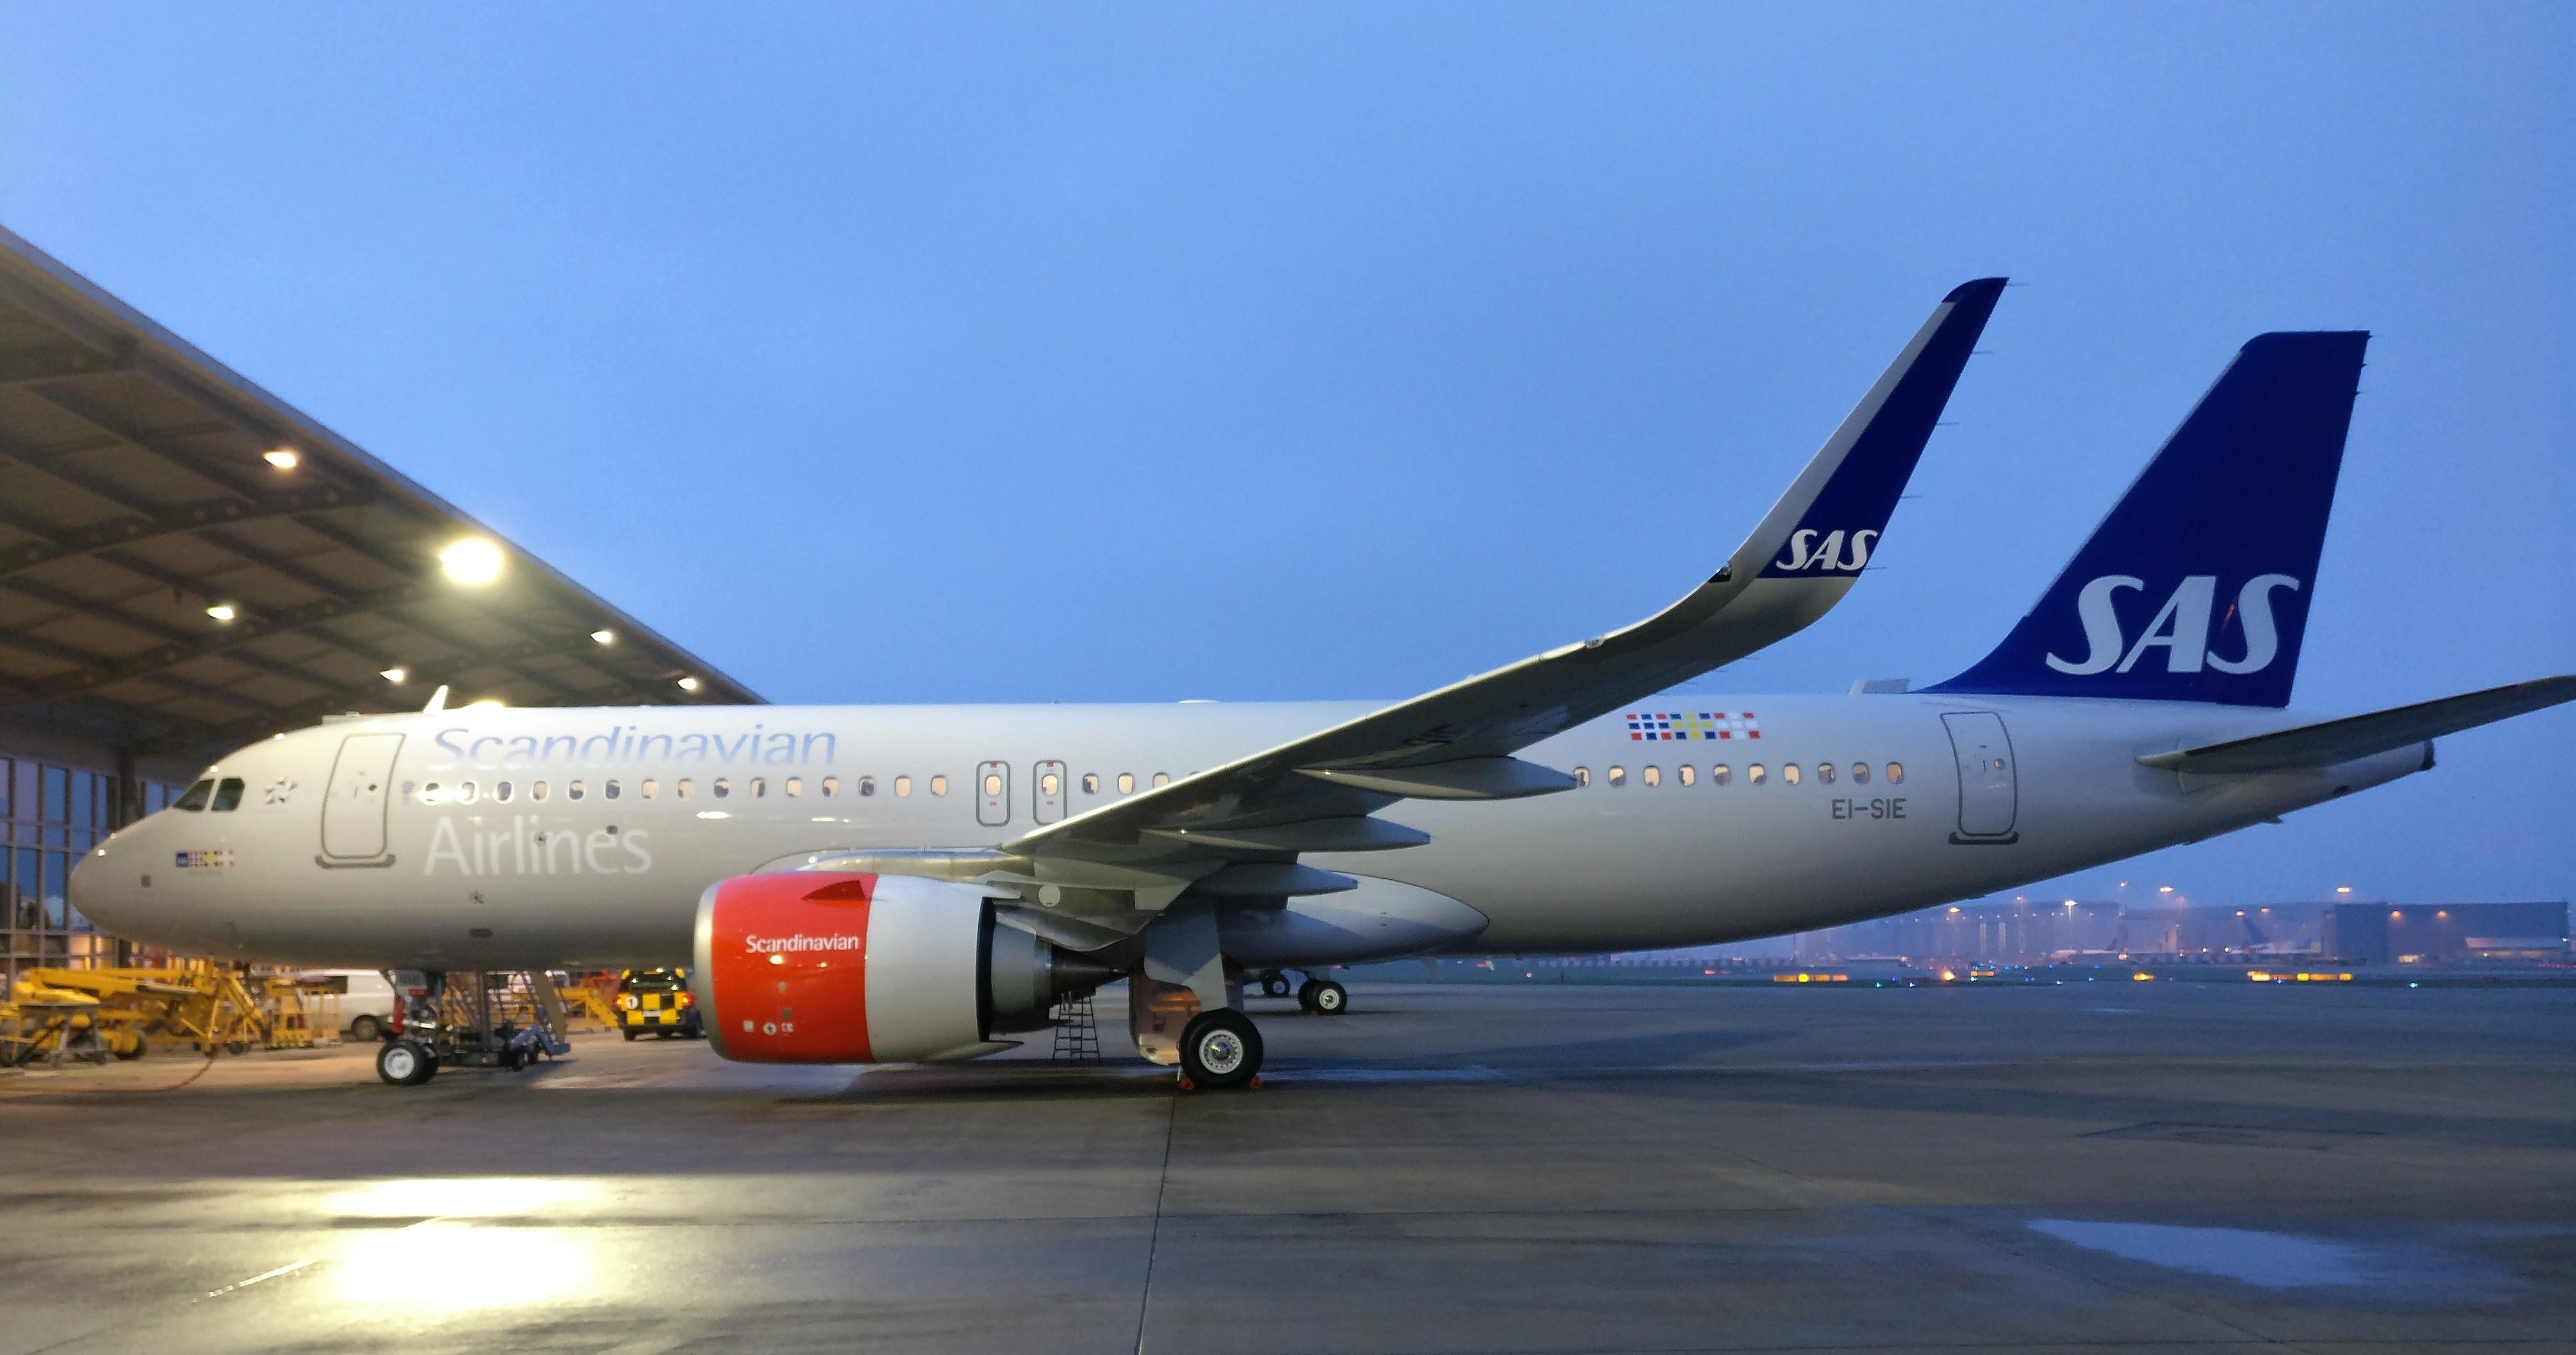 Airbus A320-200neo hos SAS Irland. EI-SIE. (Foto: Scandinavian Airlines Ireland)